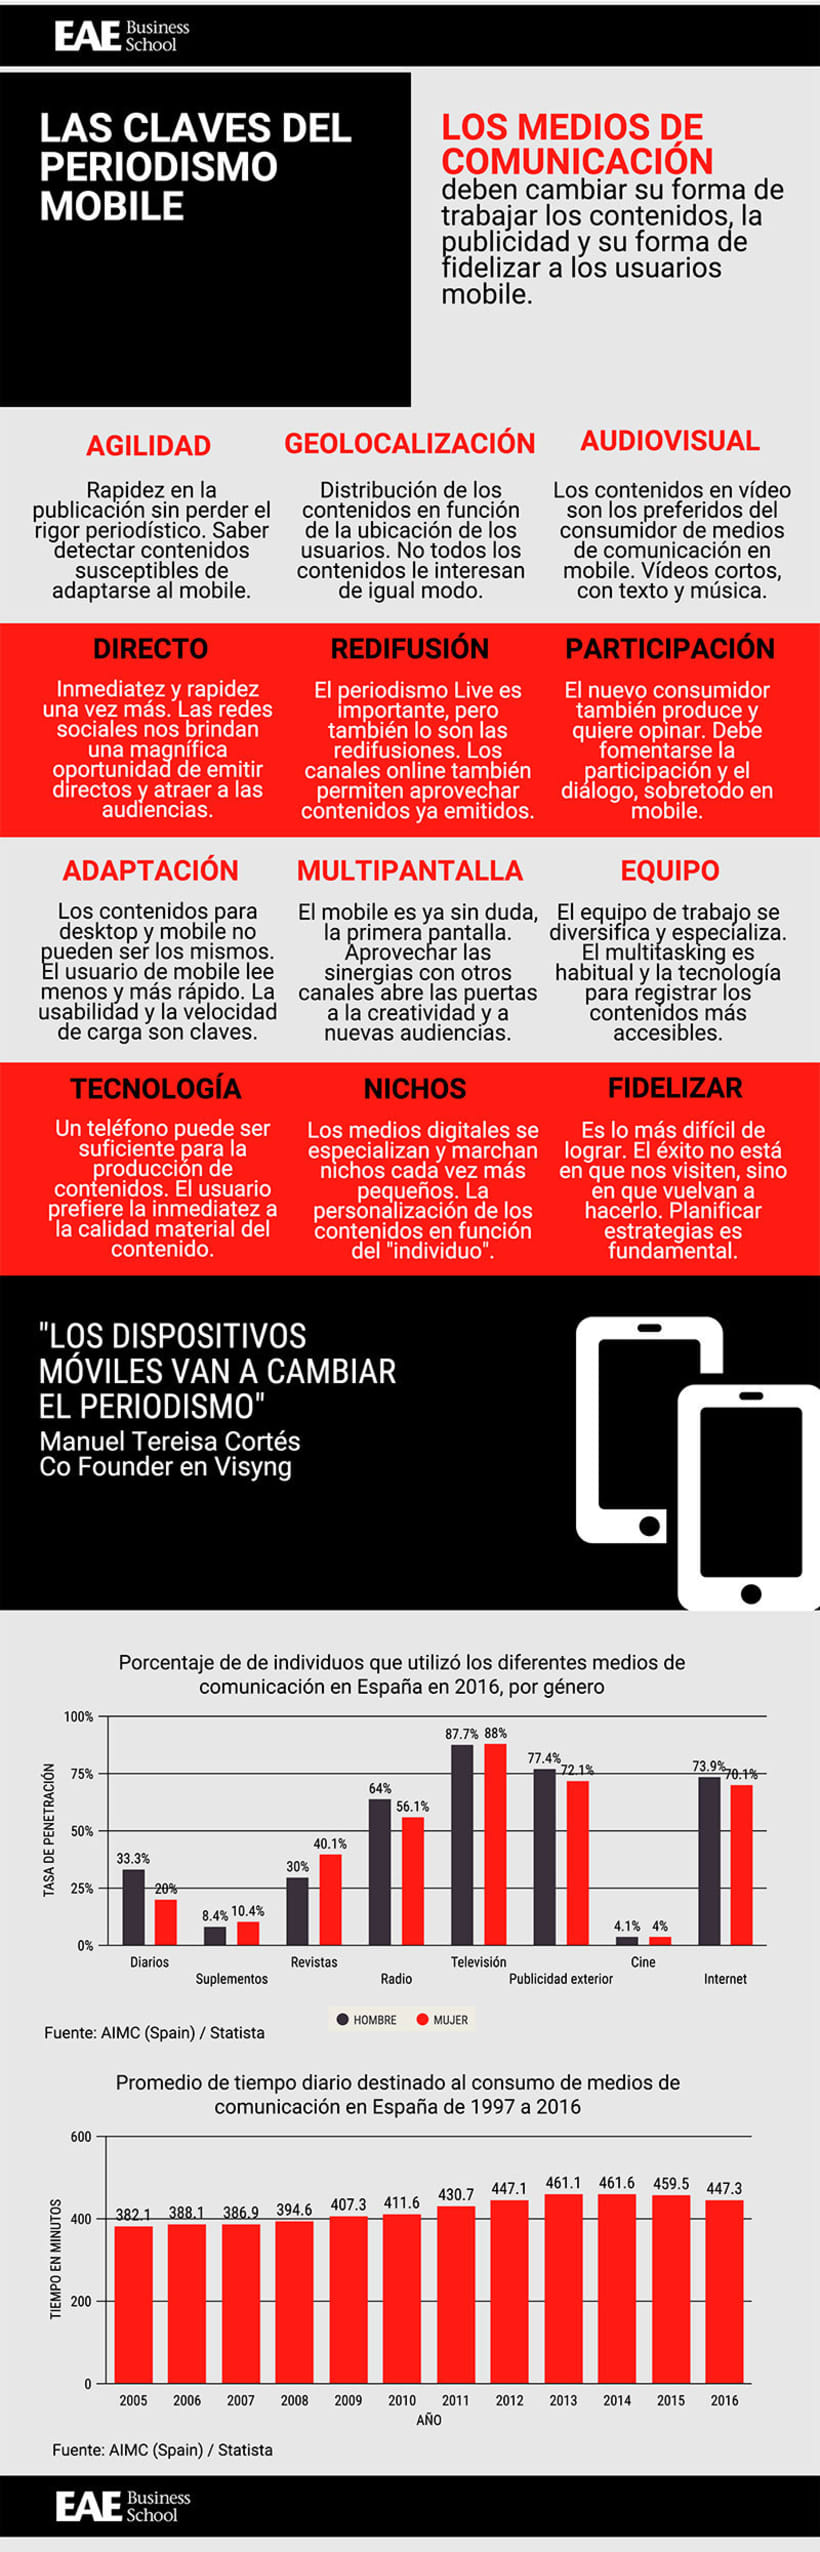 Las claves del periodismo mobile -1